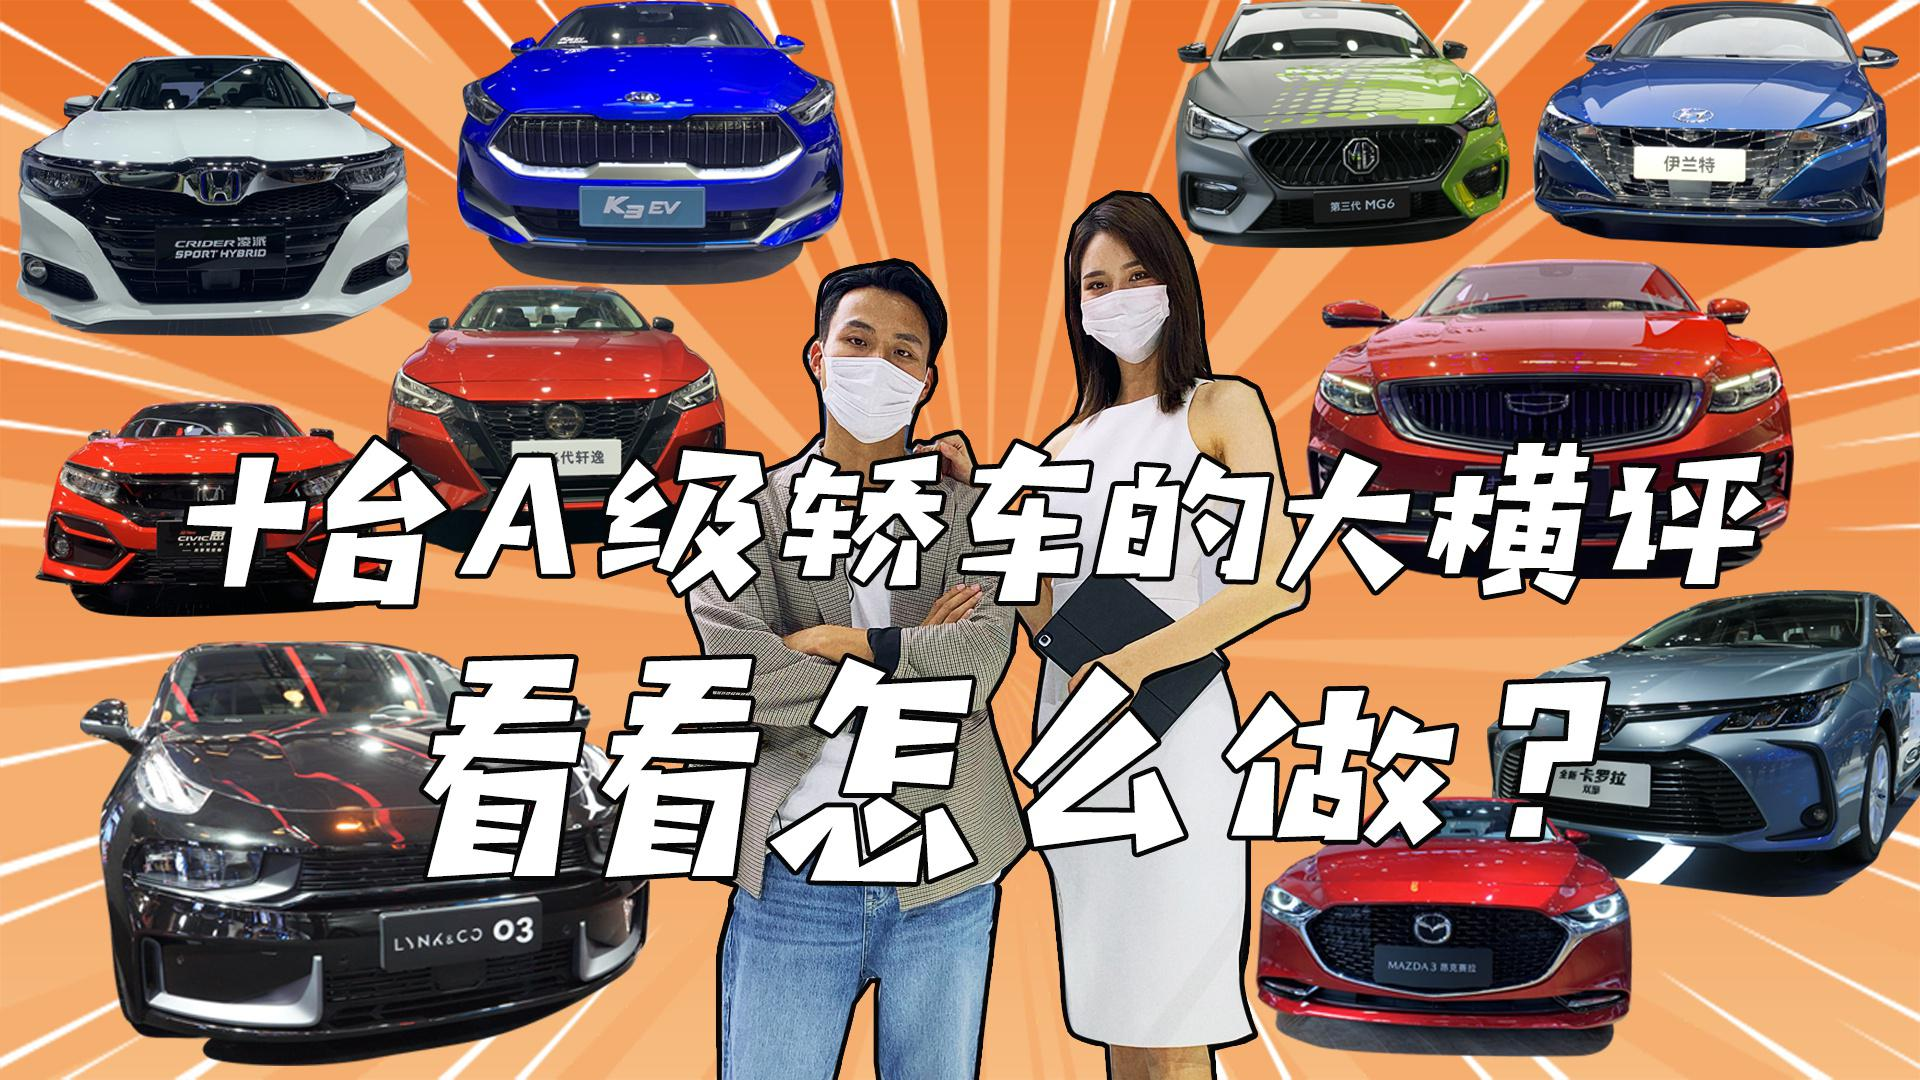 视频:10款家用A级车空间大测评:本田凌派最大 !伊兰特、思域如何?